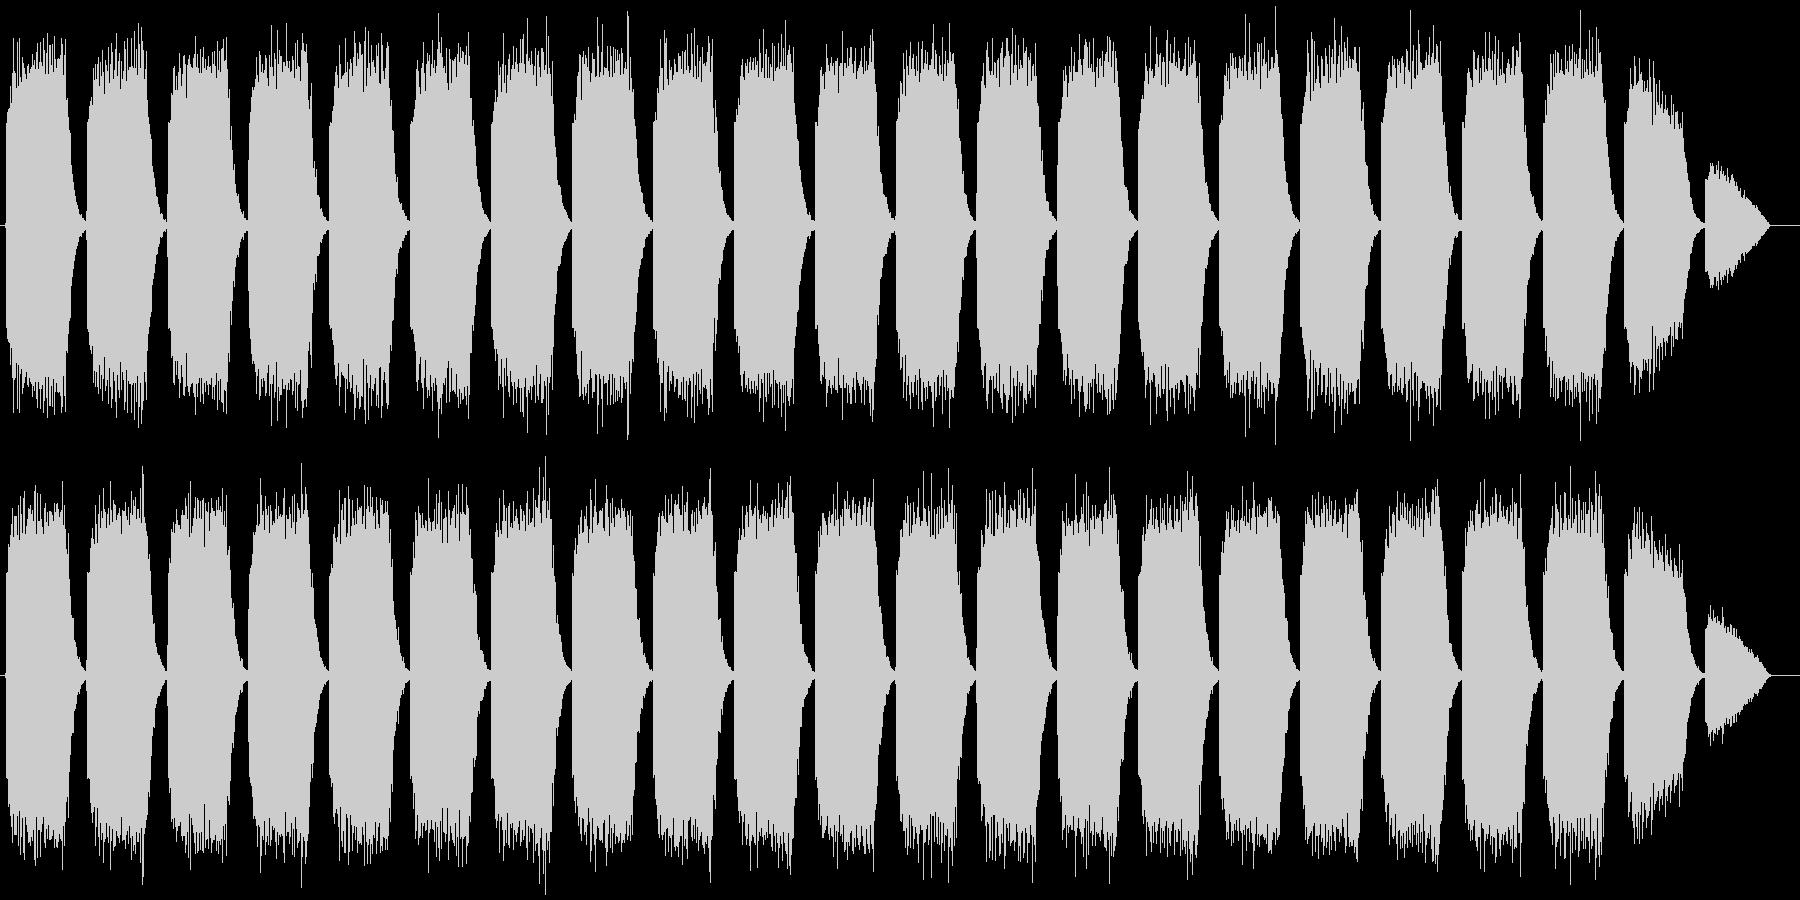 化学プラントサイレン タイプBの未再生の波形